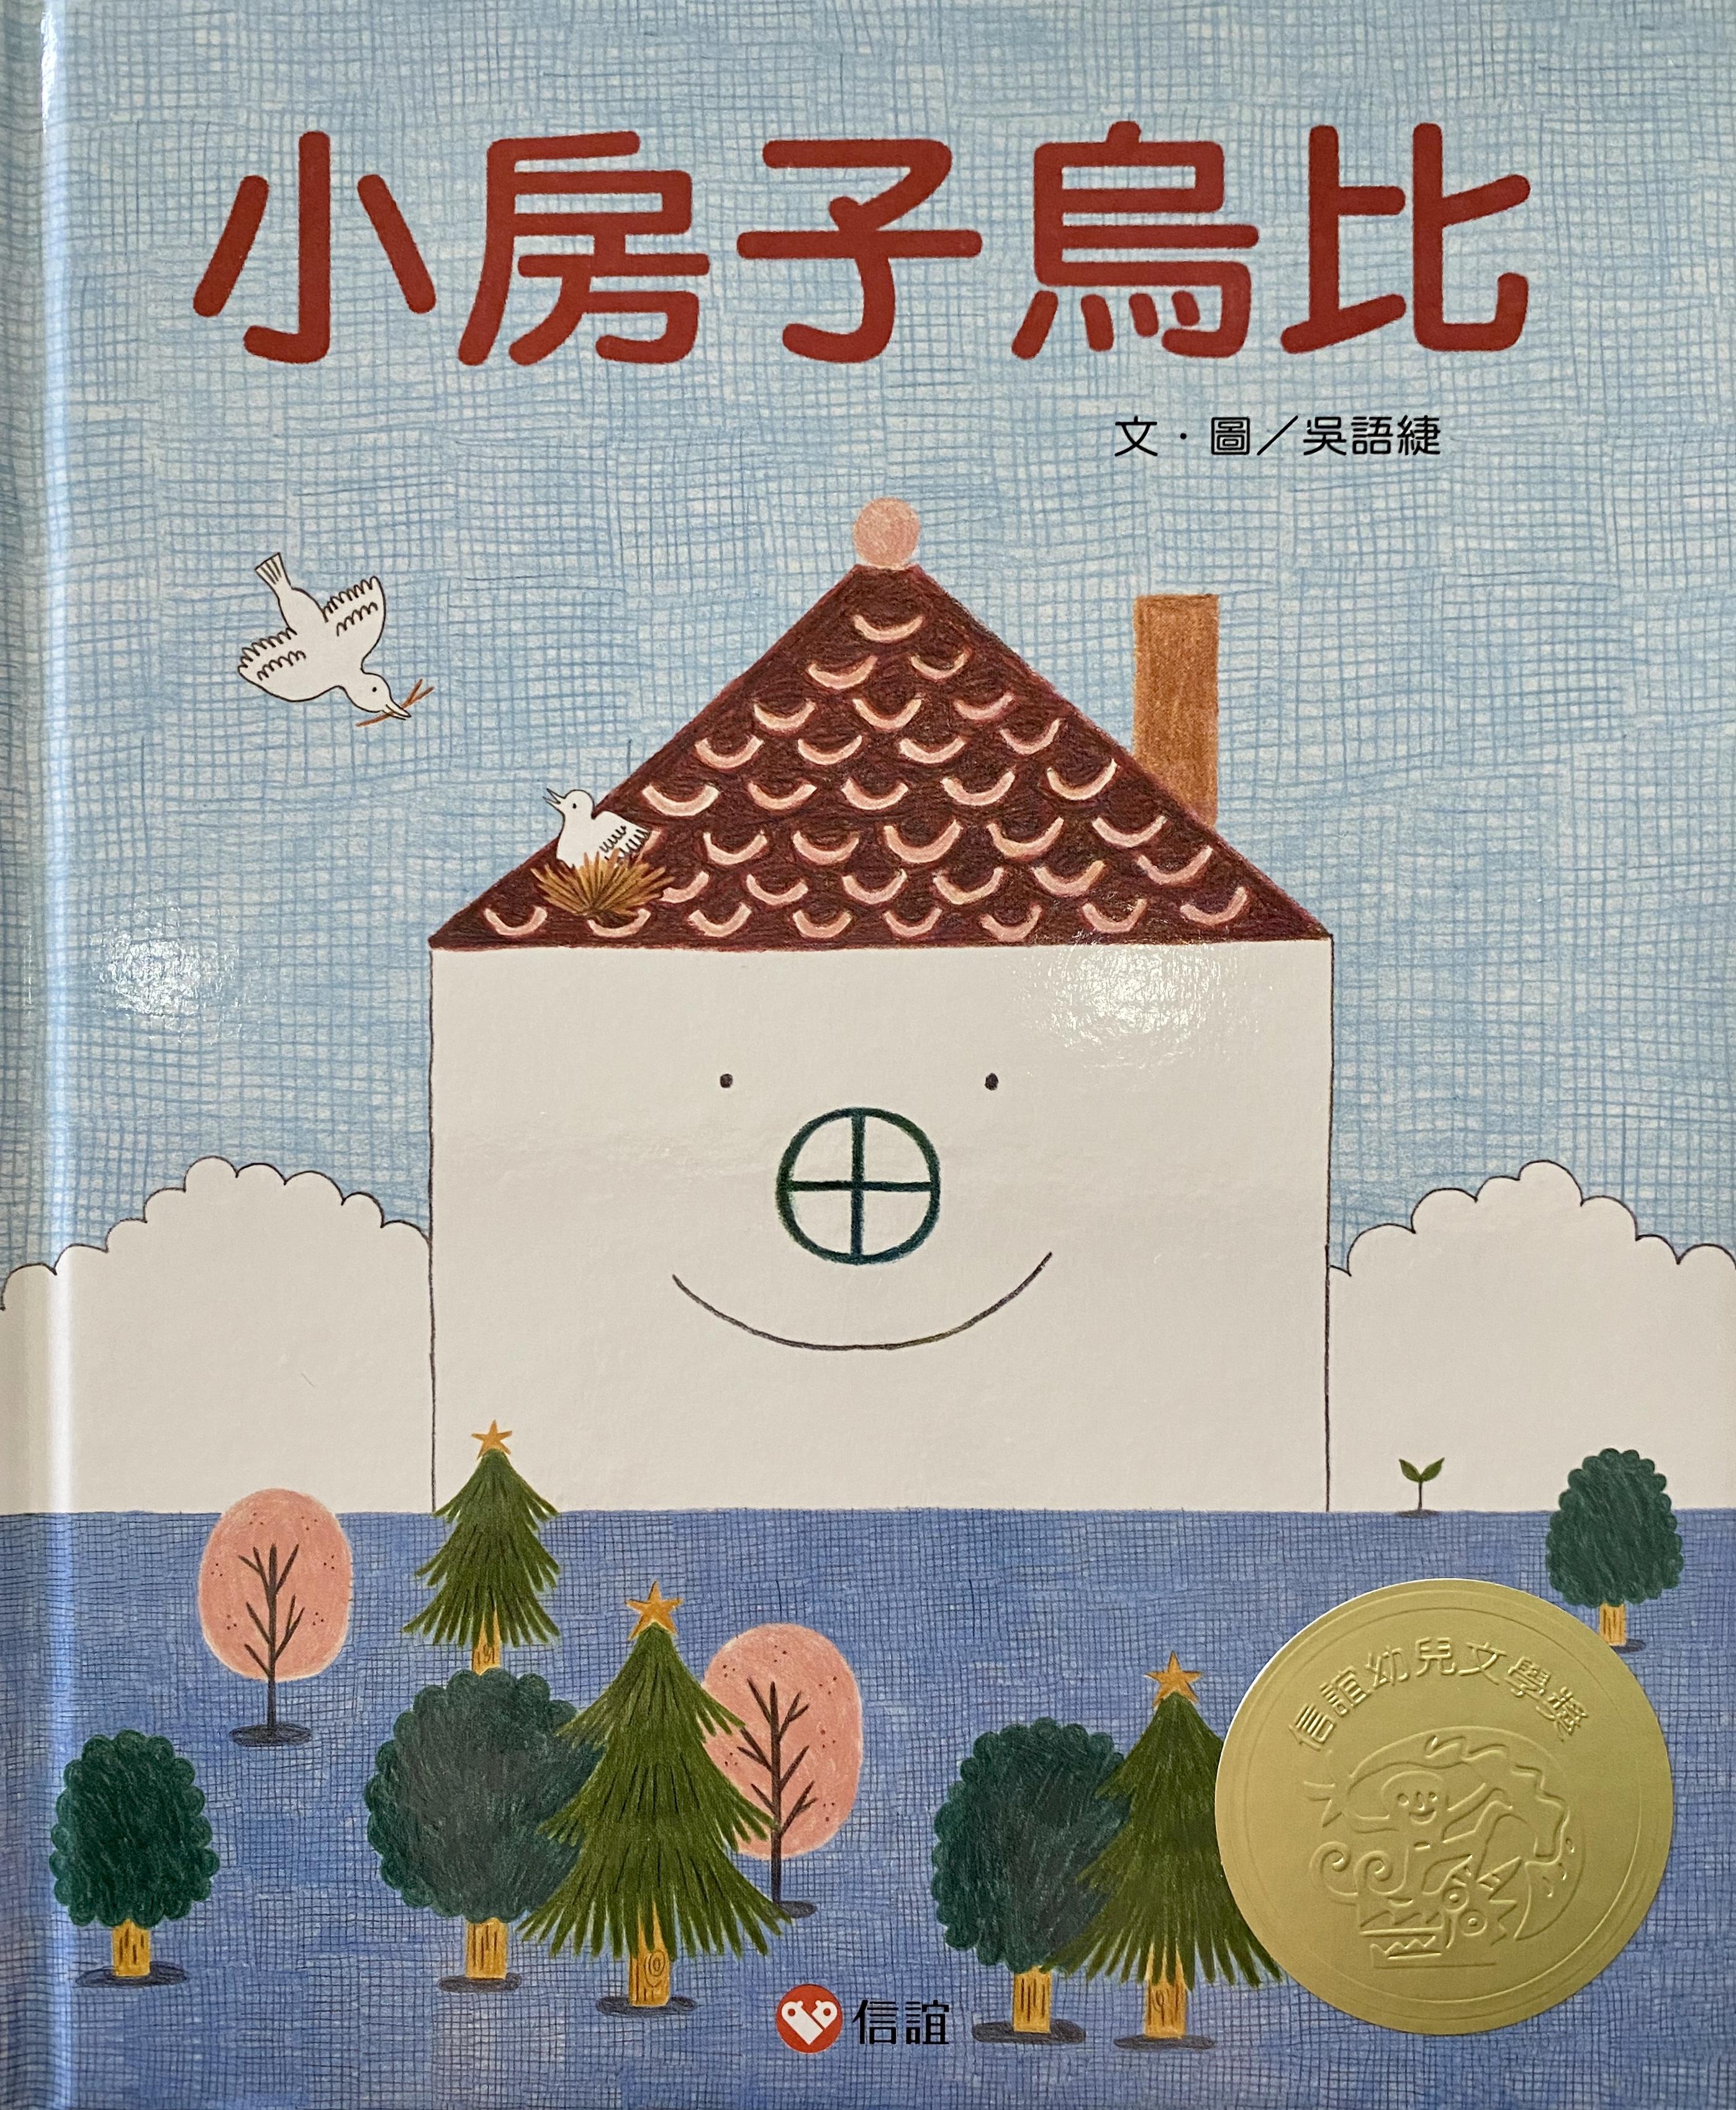 《蘇菲說故事》146 小房子烏比